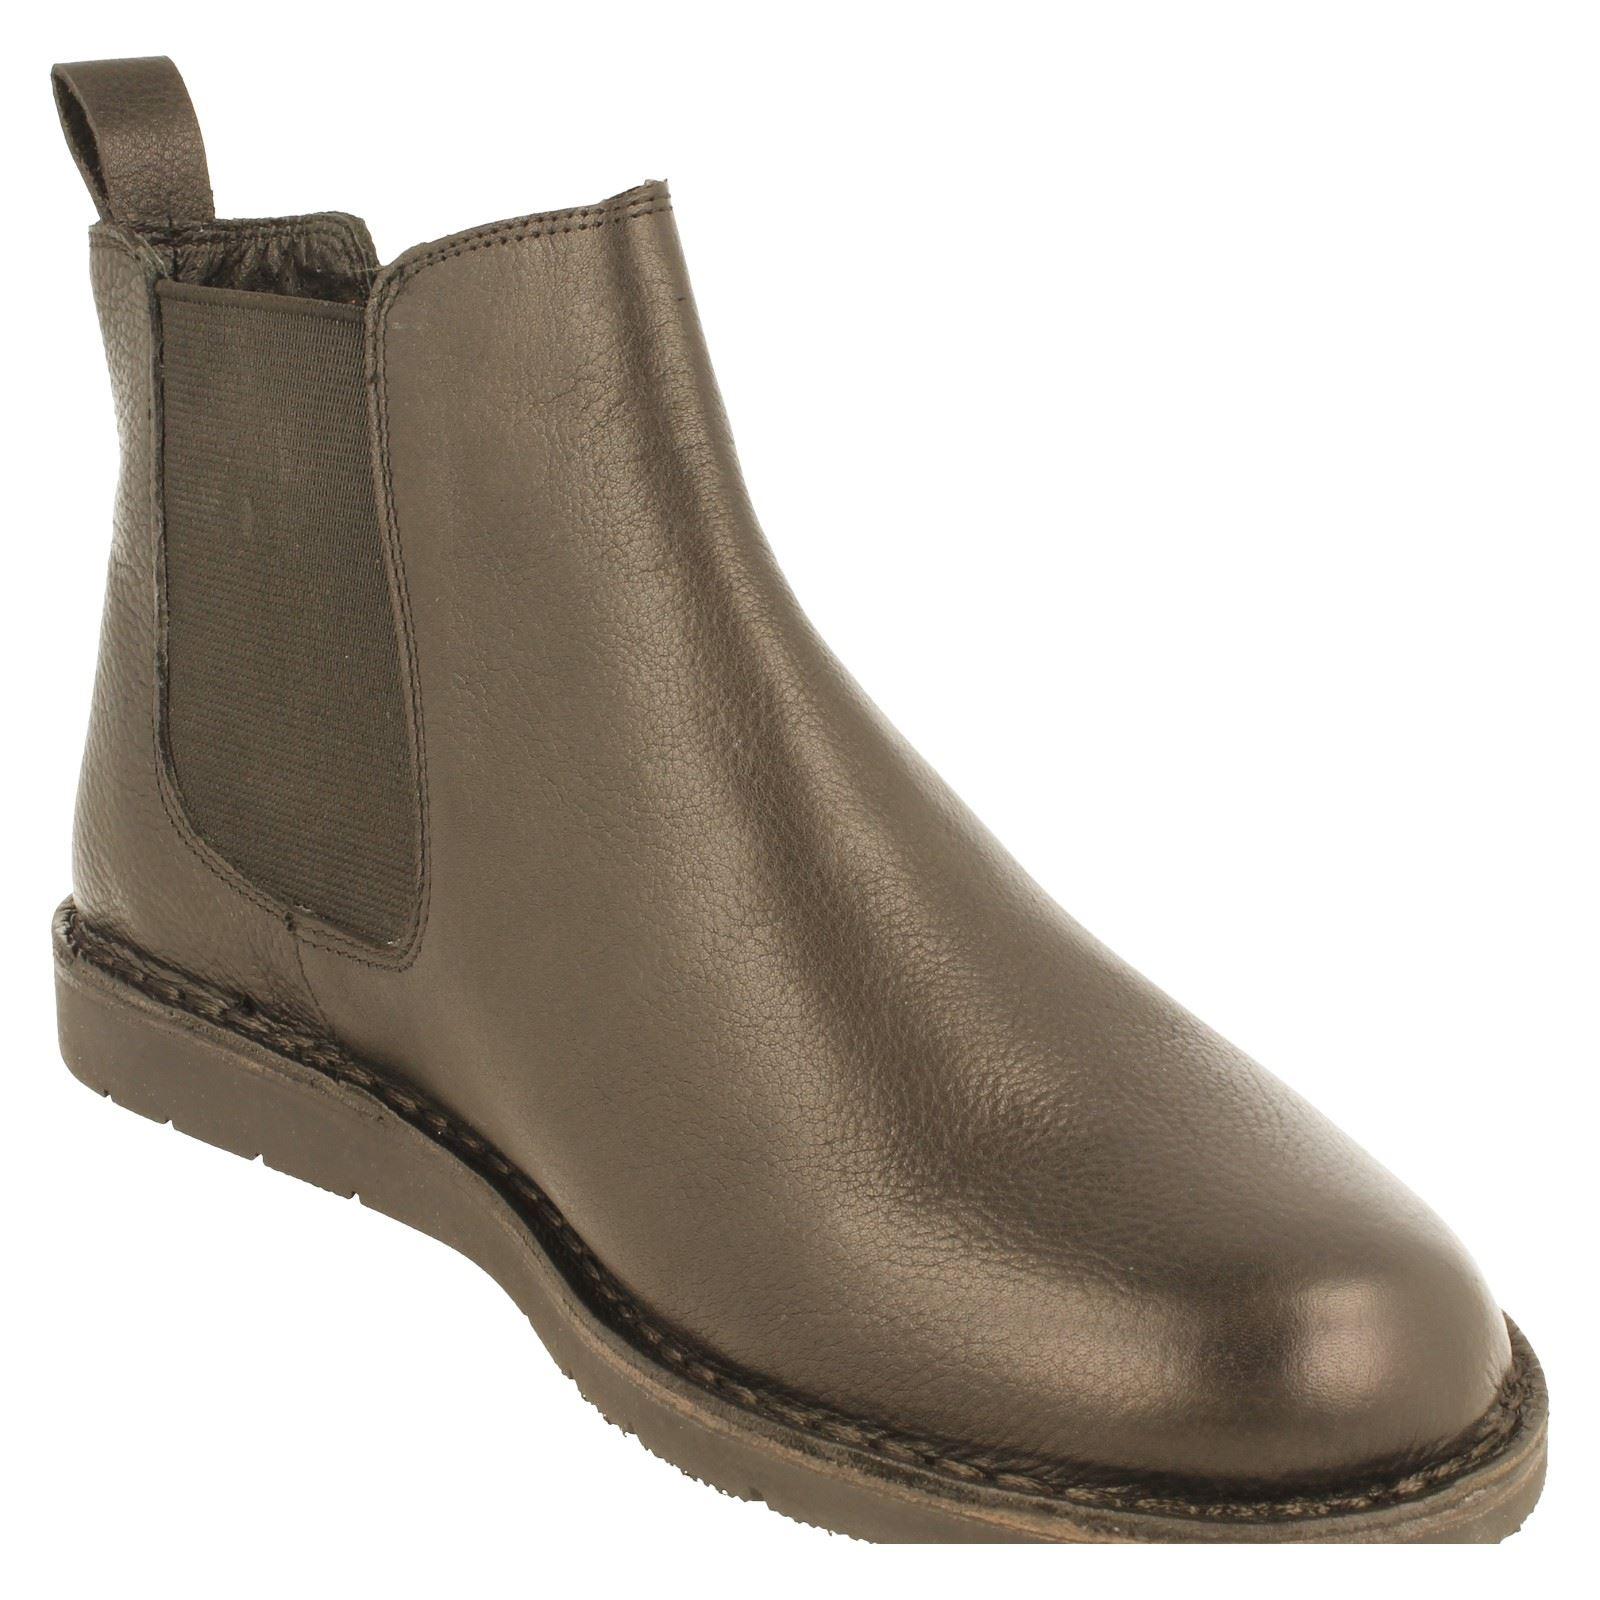 Mens Padders Boot Wide Fitting Leder Chelsea Boot Padders Style - Jez d66579